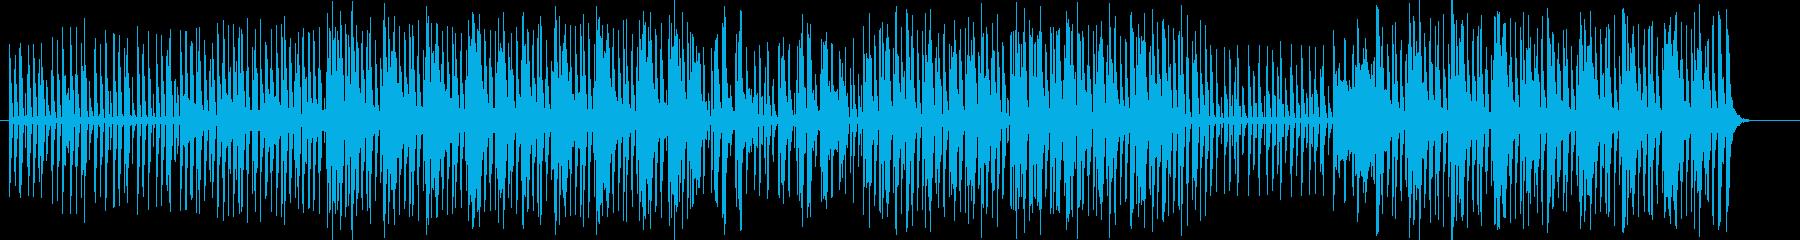 印象的なリズムが特徴的なミュージックの再生済みの波形